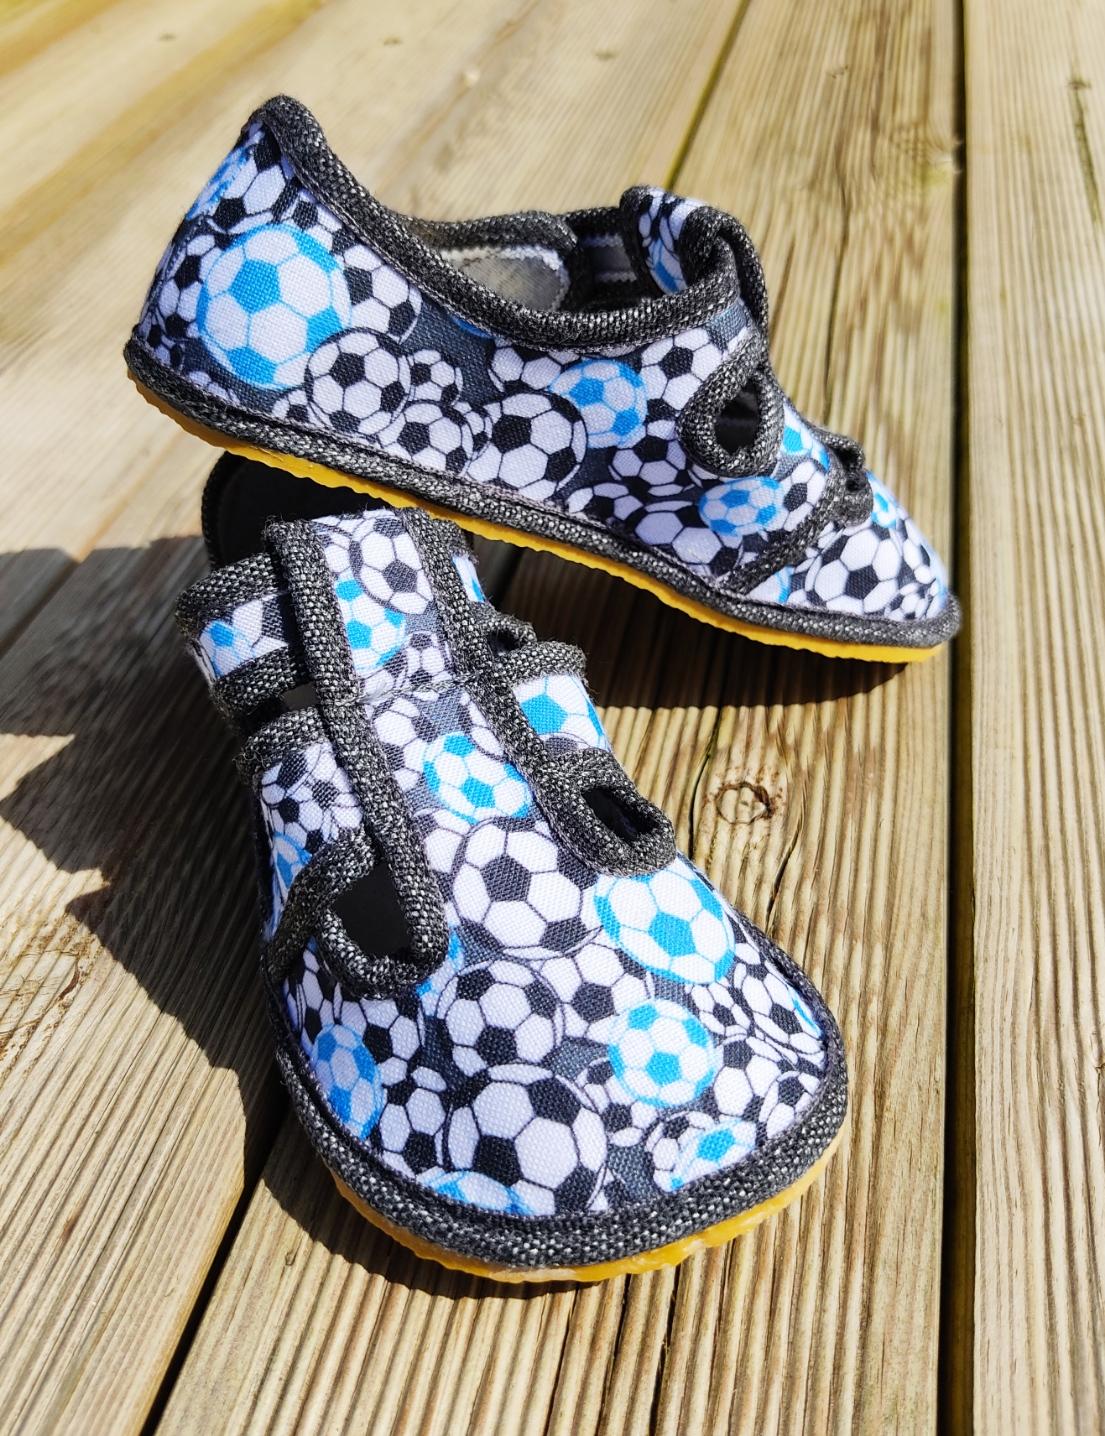 chaussons anatomic football sur la boutique liberty pieds (7)